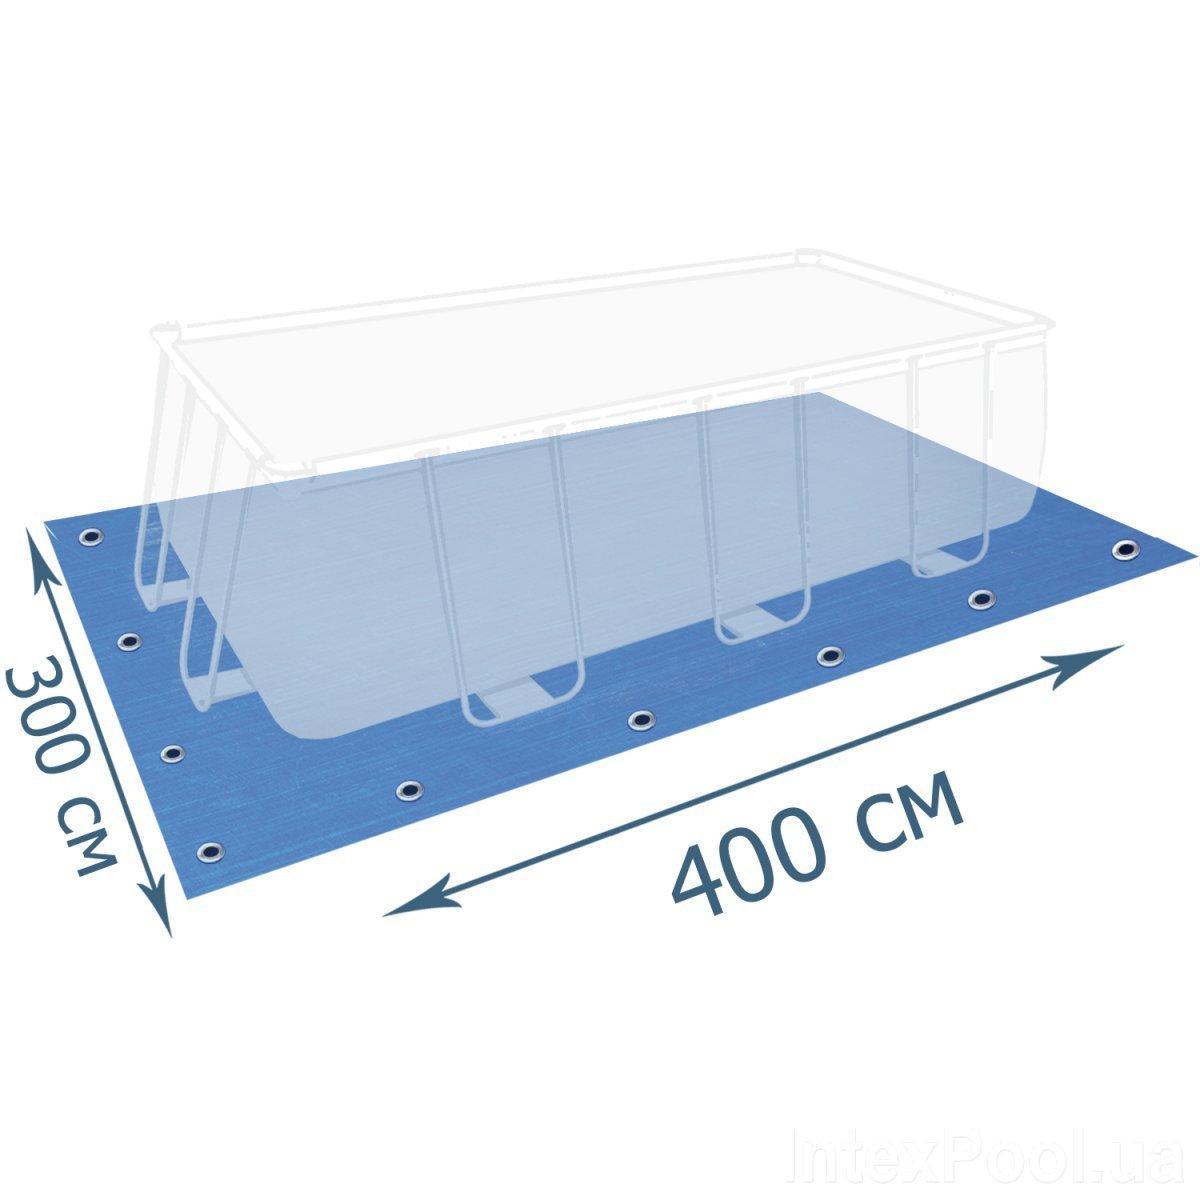 Универсальная подстилка X-Treme 28901, 400 х 300 см